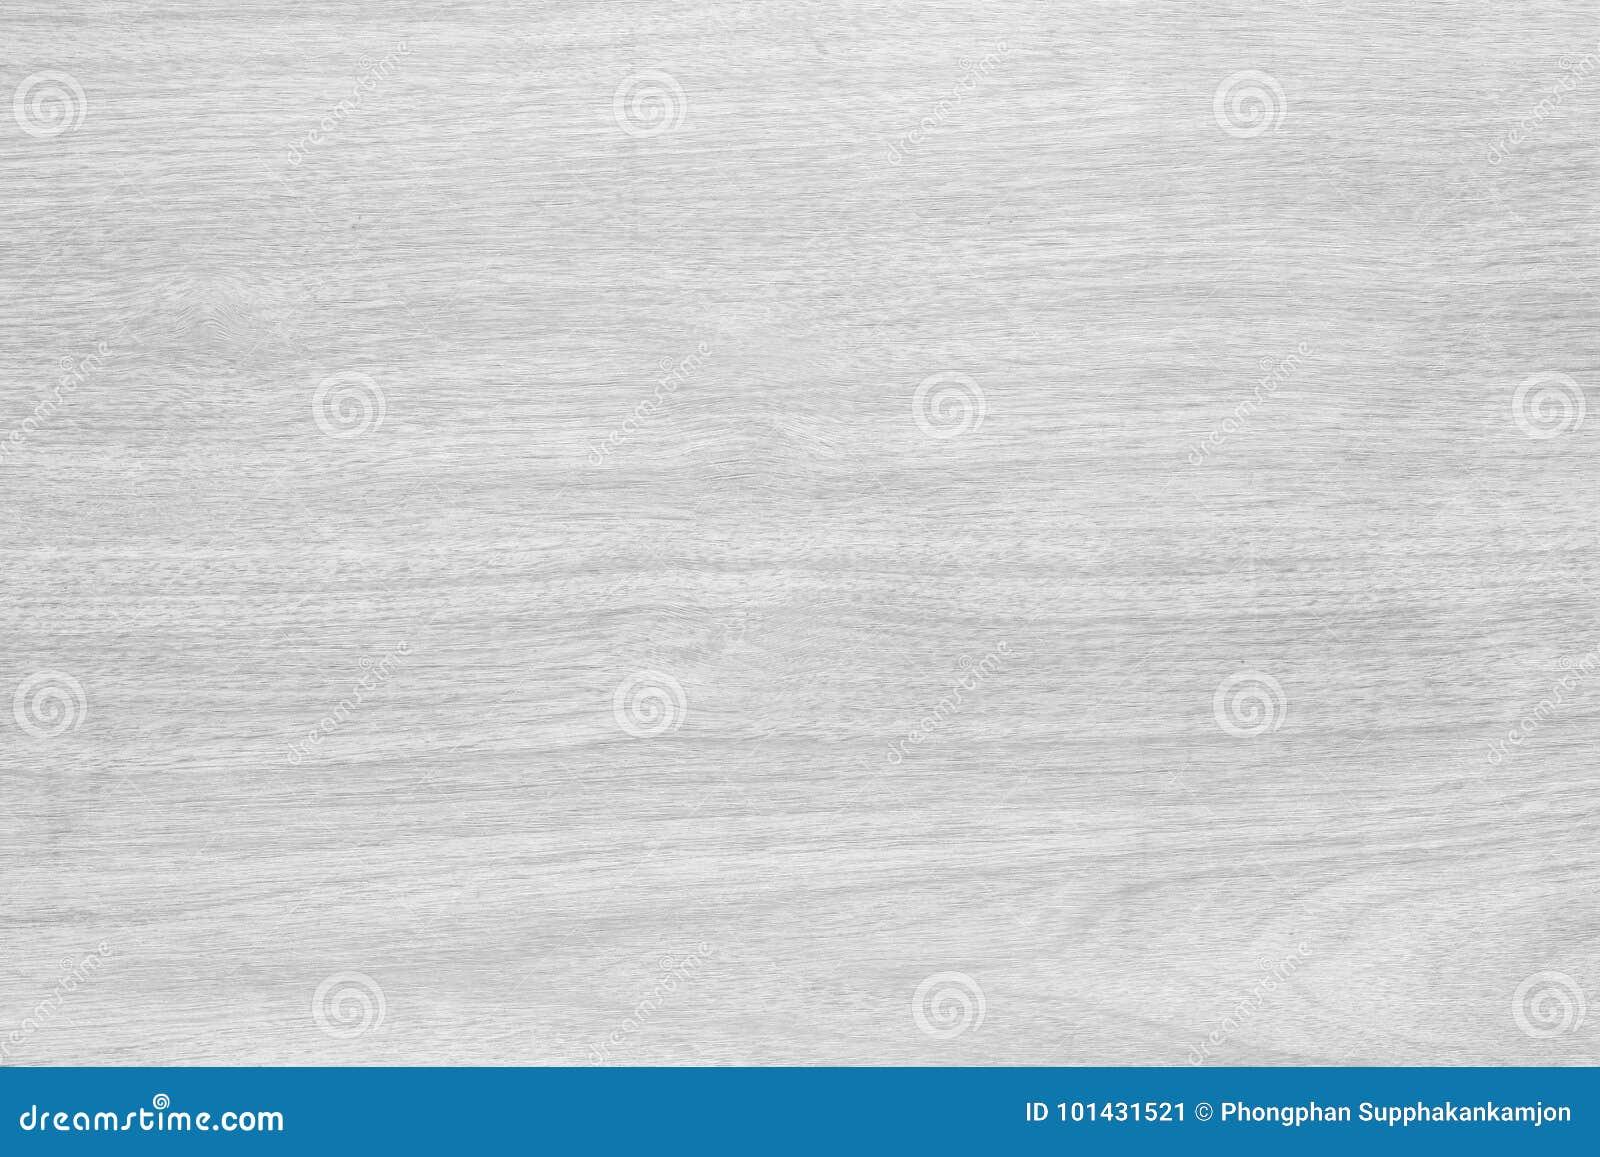 Αφηρημένο αγροτικό υπόβαθρο επιτραπέζιας σύστασης επιφάνειας άσπρο ξύλινο CL